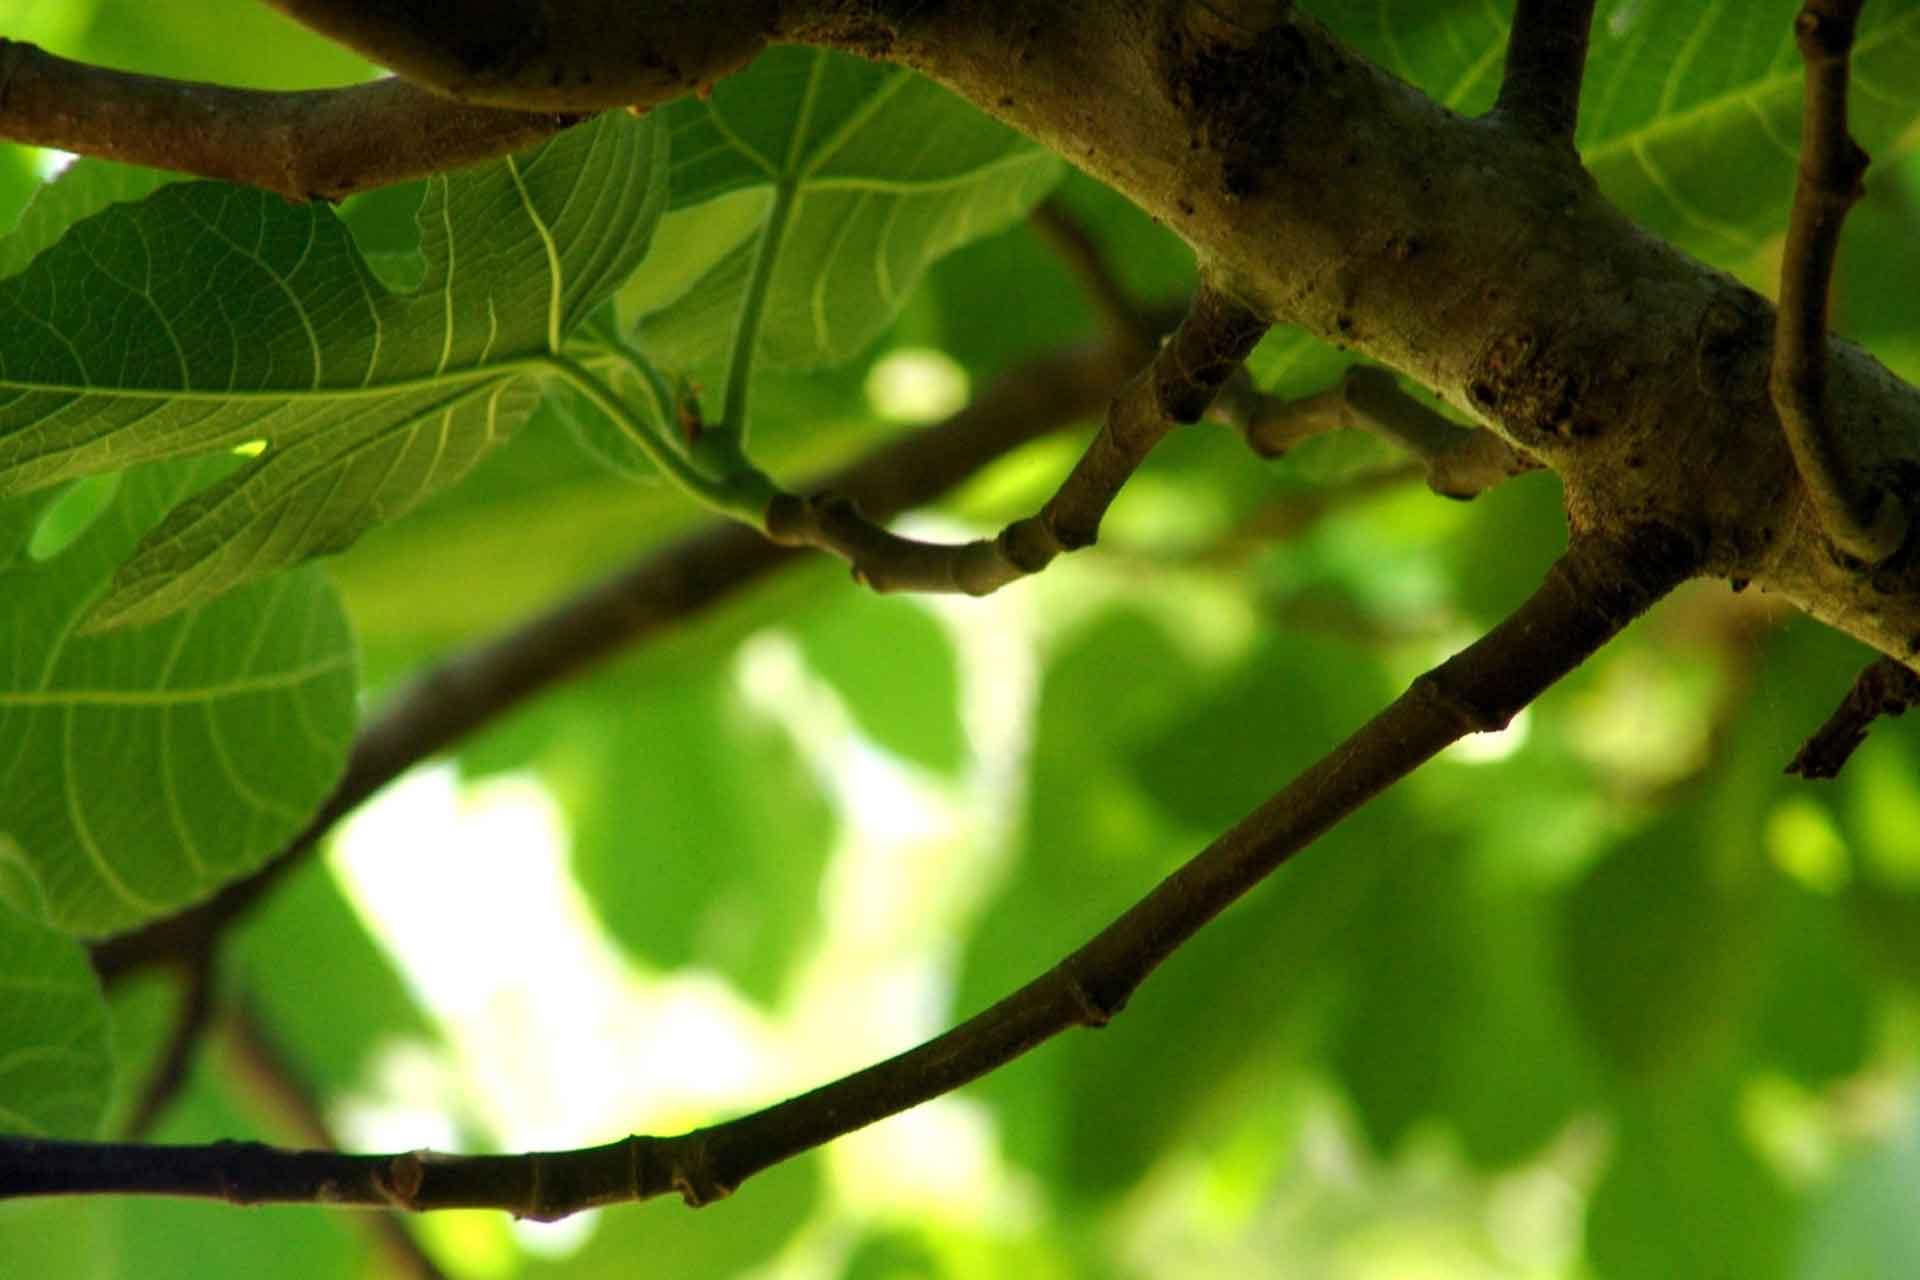 Federasyon, tuzak, esas niyetler ve incir yaprakları… – Mustafa Onurer